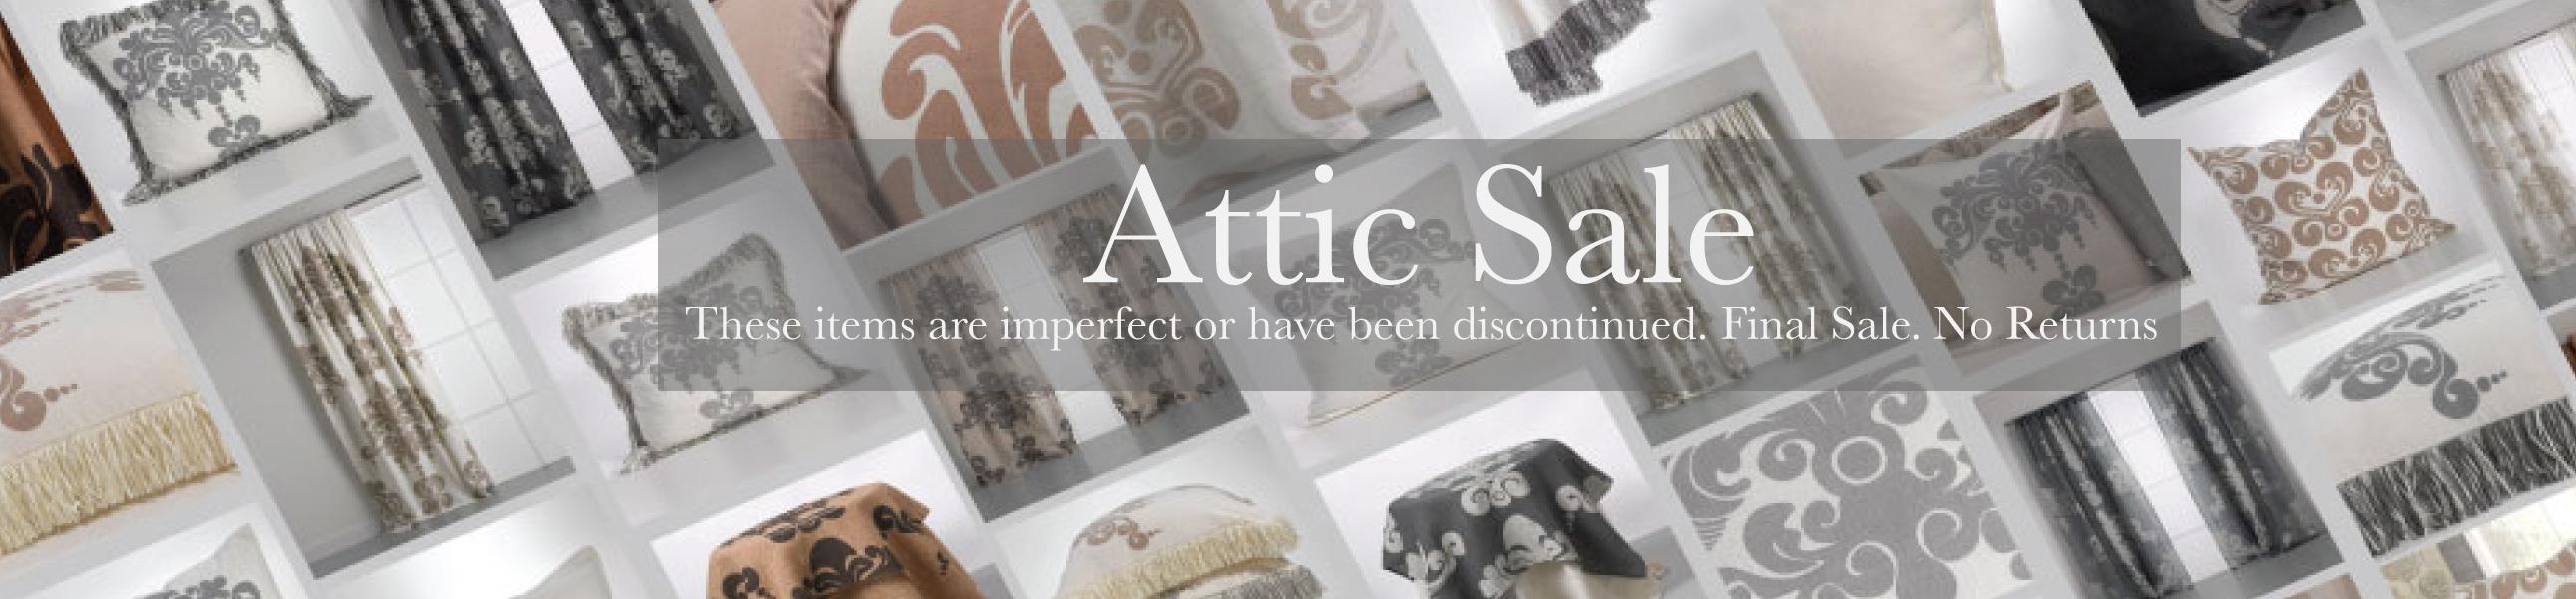 cd-attic-sale-banner.jpg